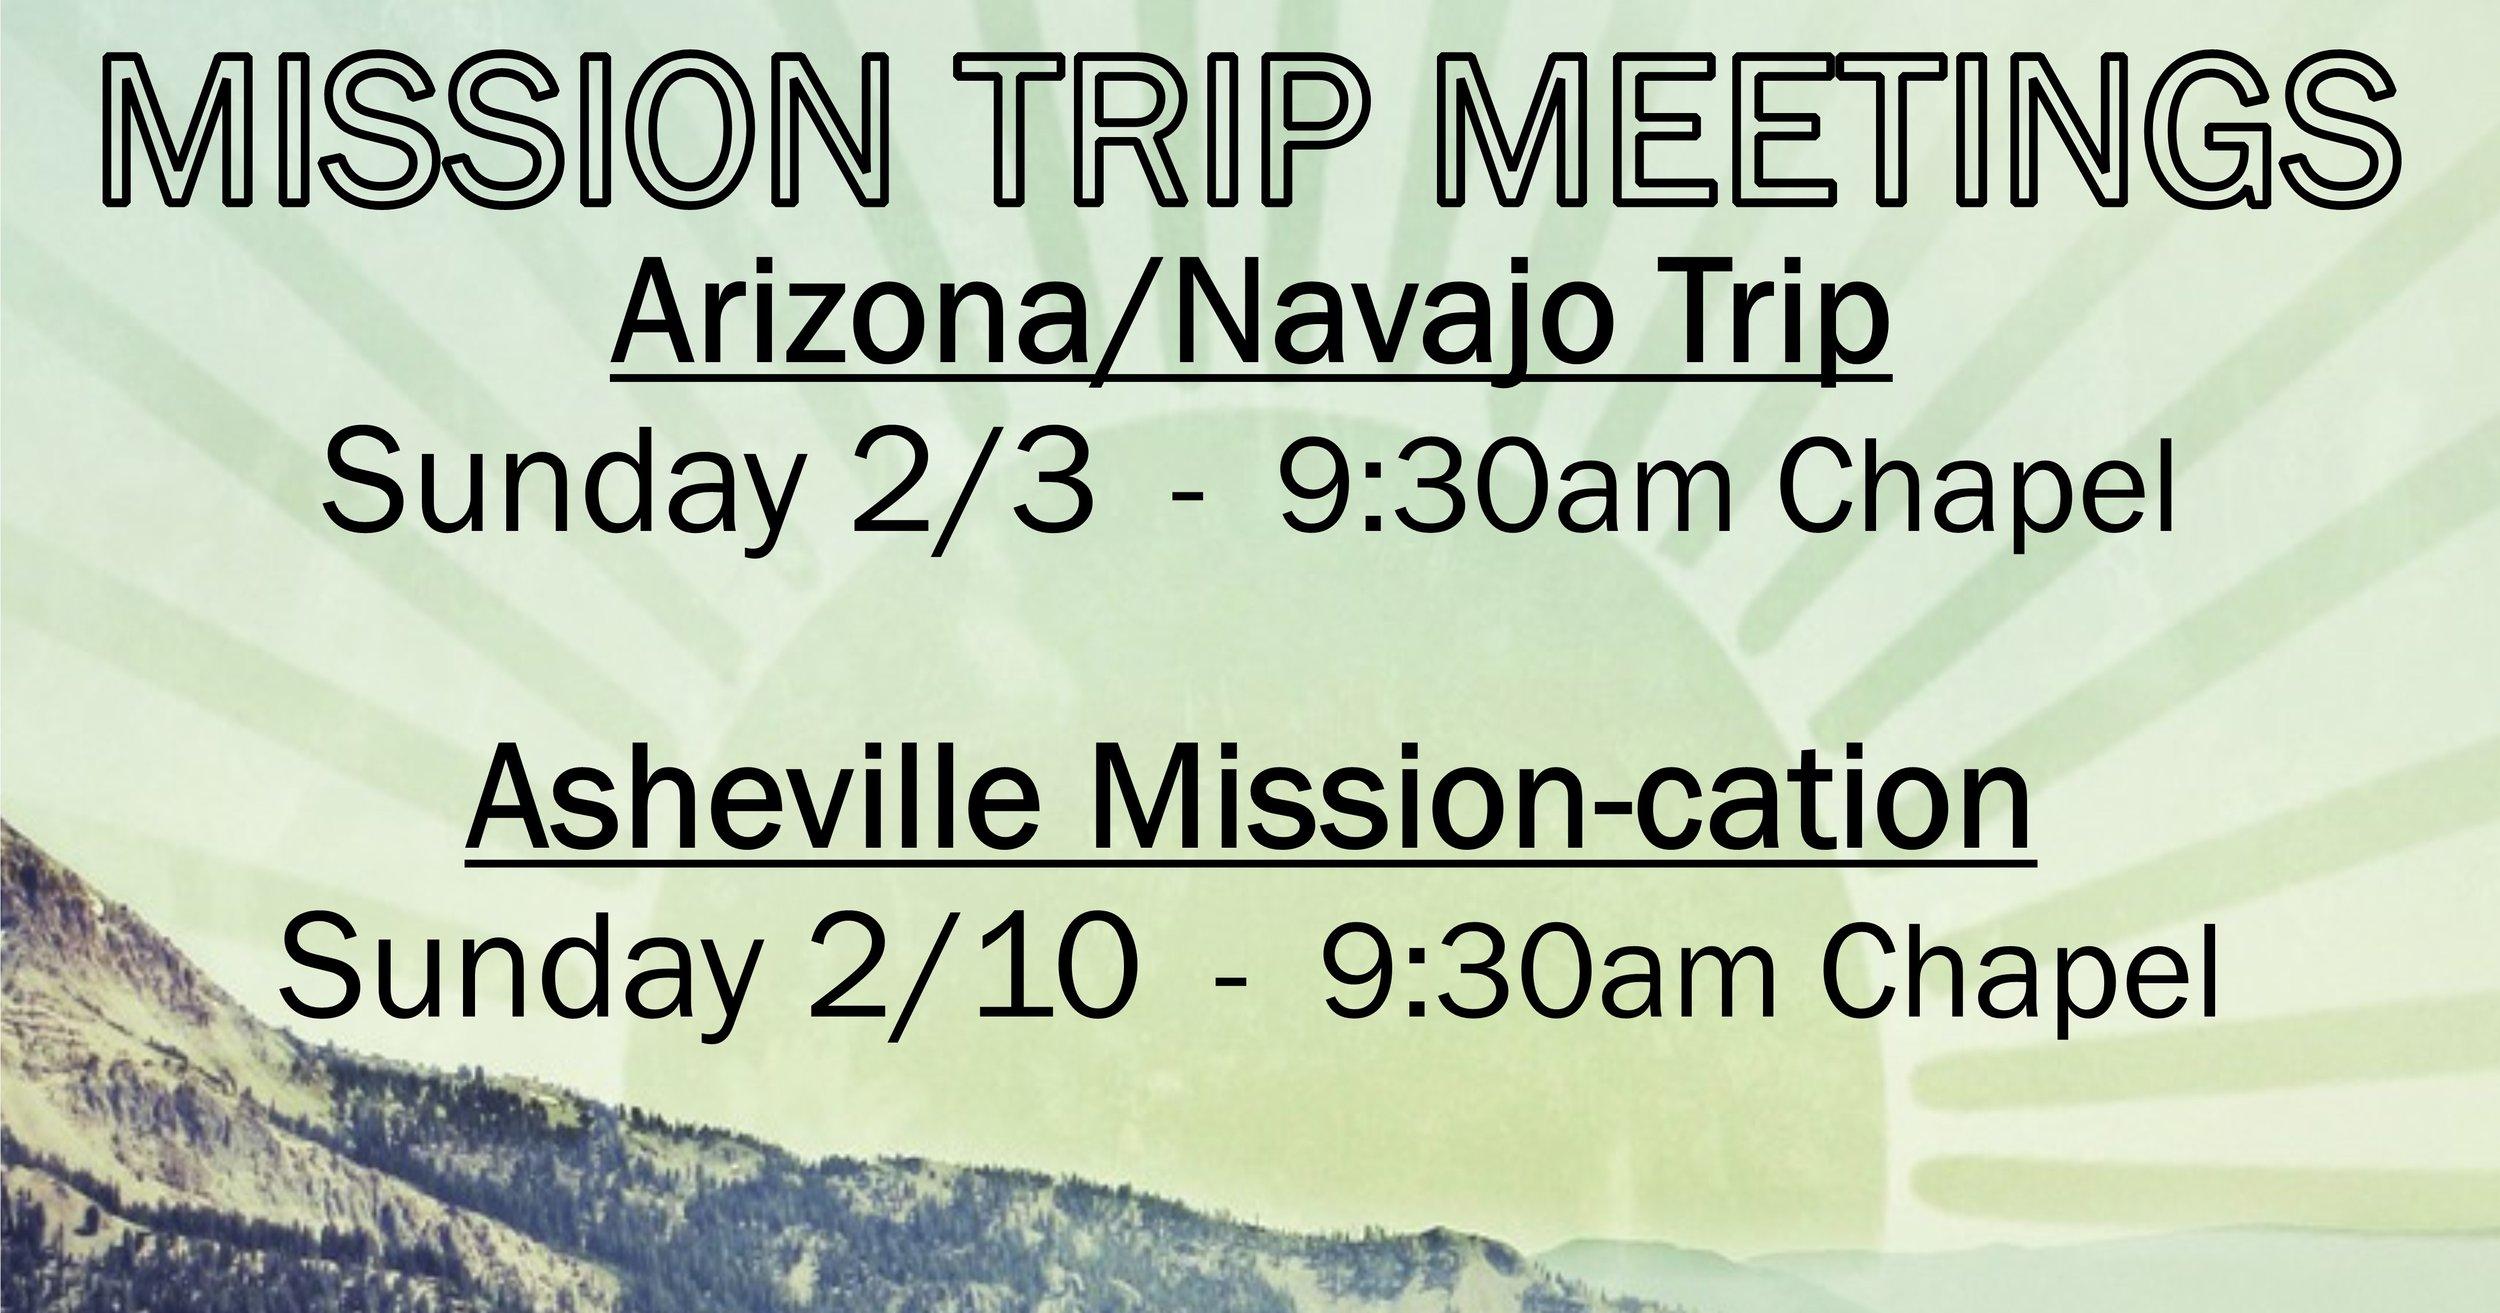 Mission Trip Meetings fb 011319.jpg